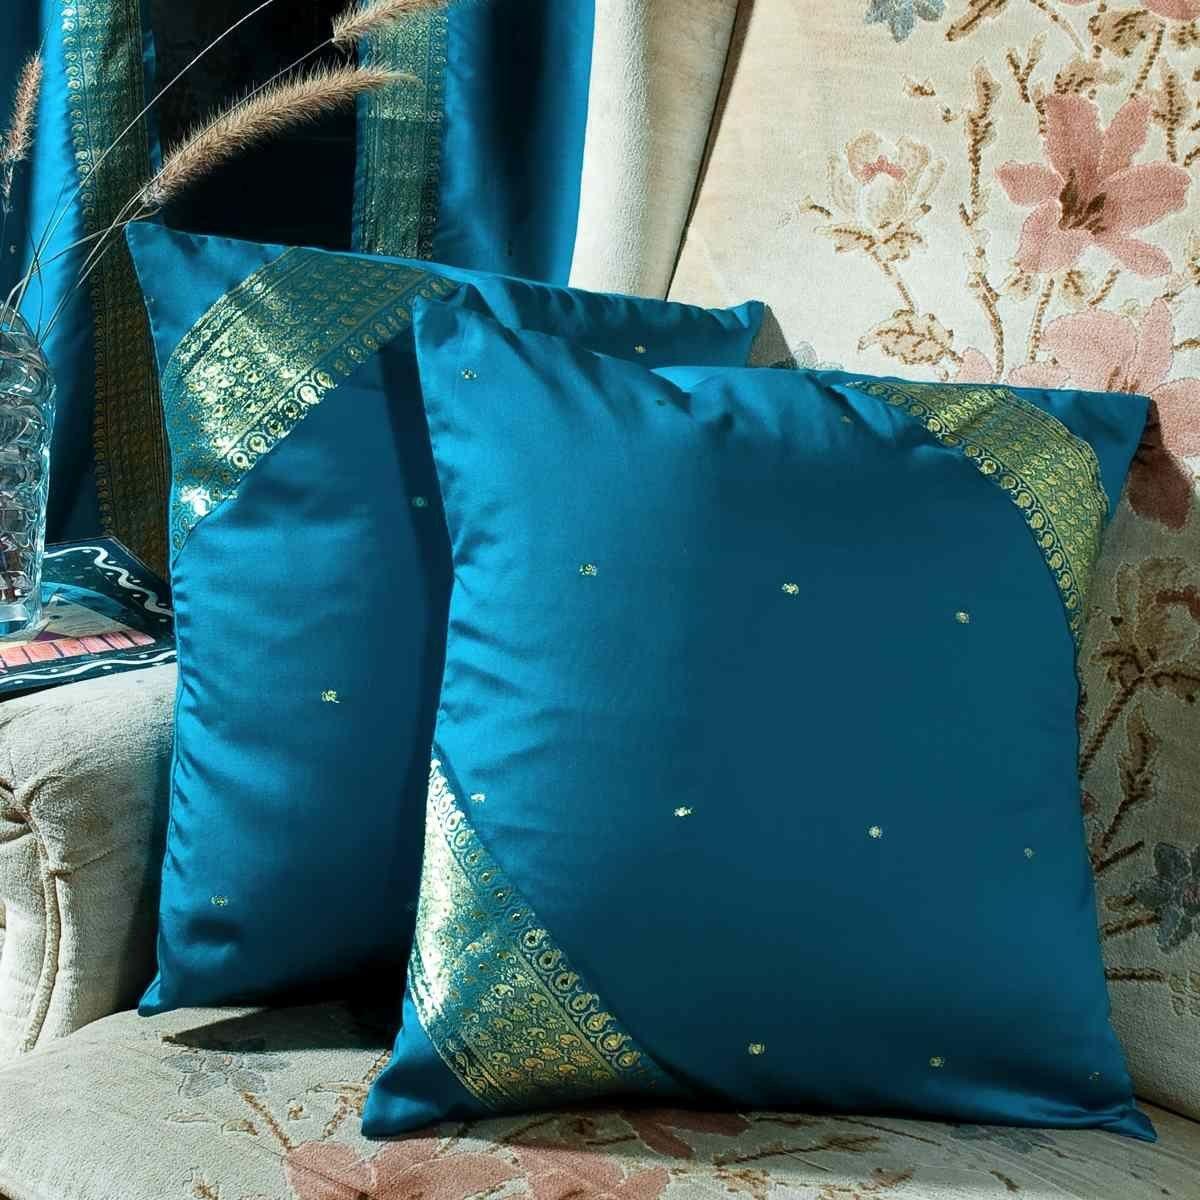 Robot Check European Pillows Turquoise Pillow Covers Turquoise Throw Pillows